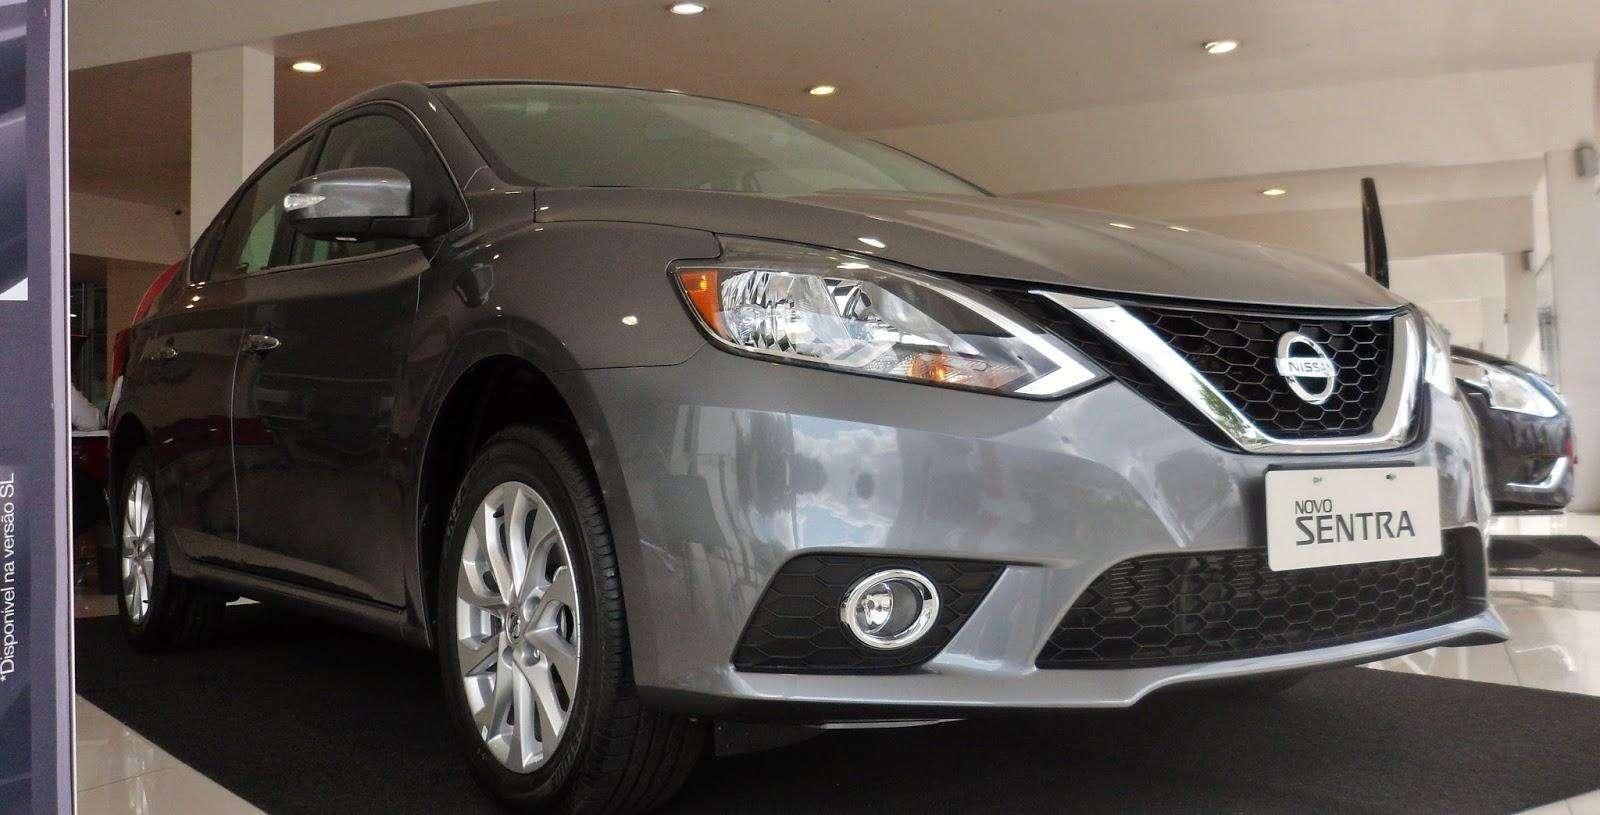 Nissan Sentra é eleito Melhor Compra do segmento pelo 3º ano consecutivo